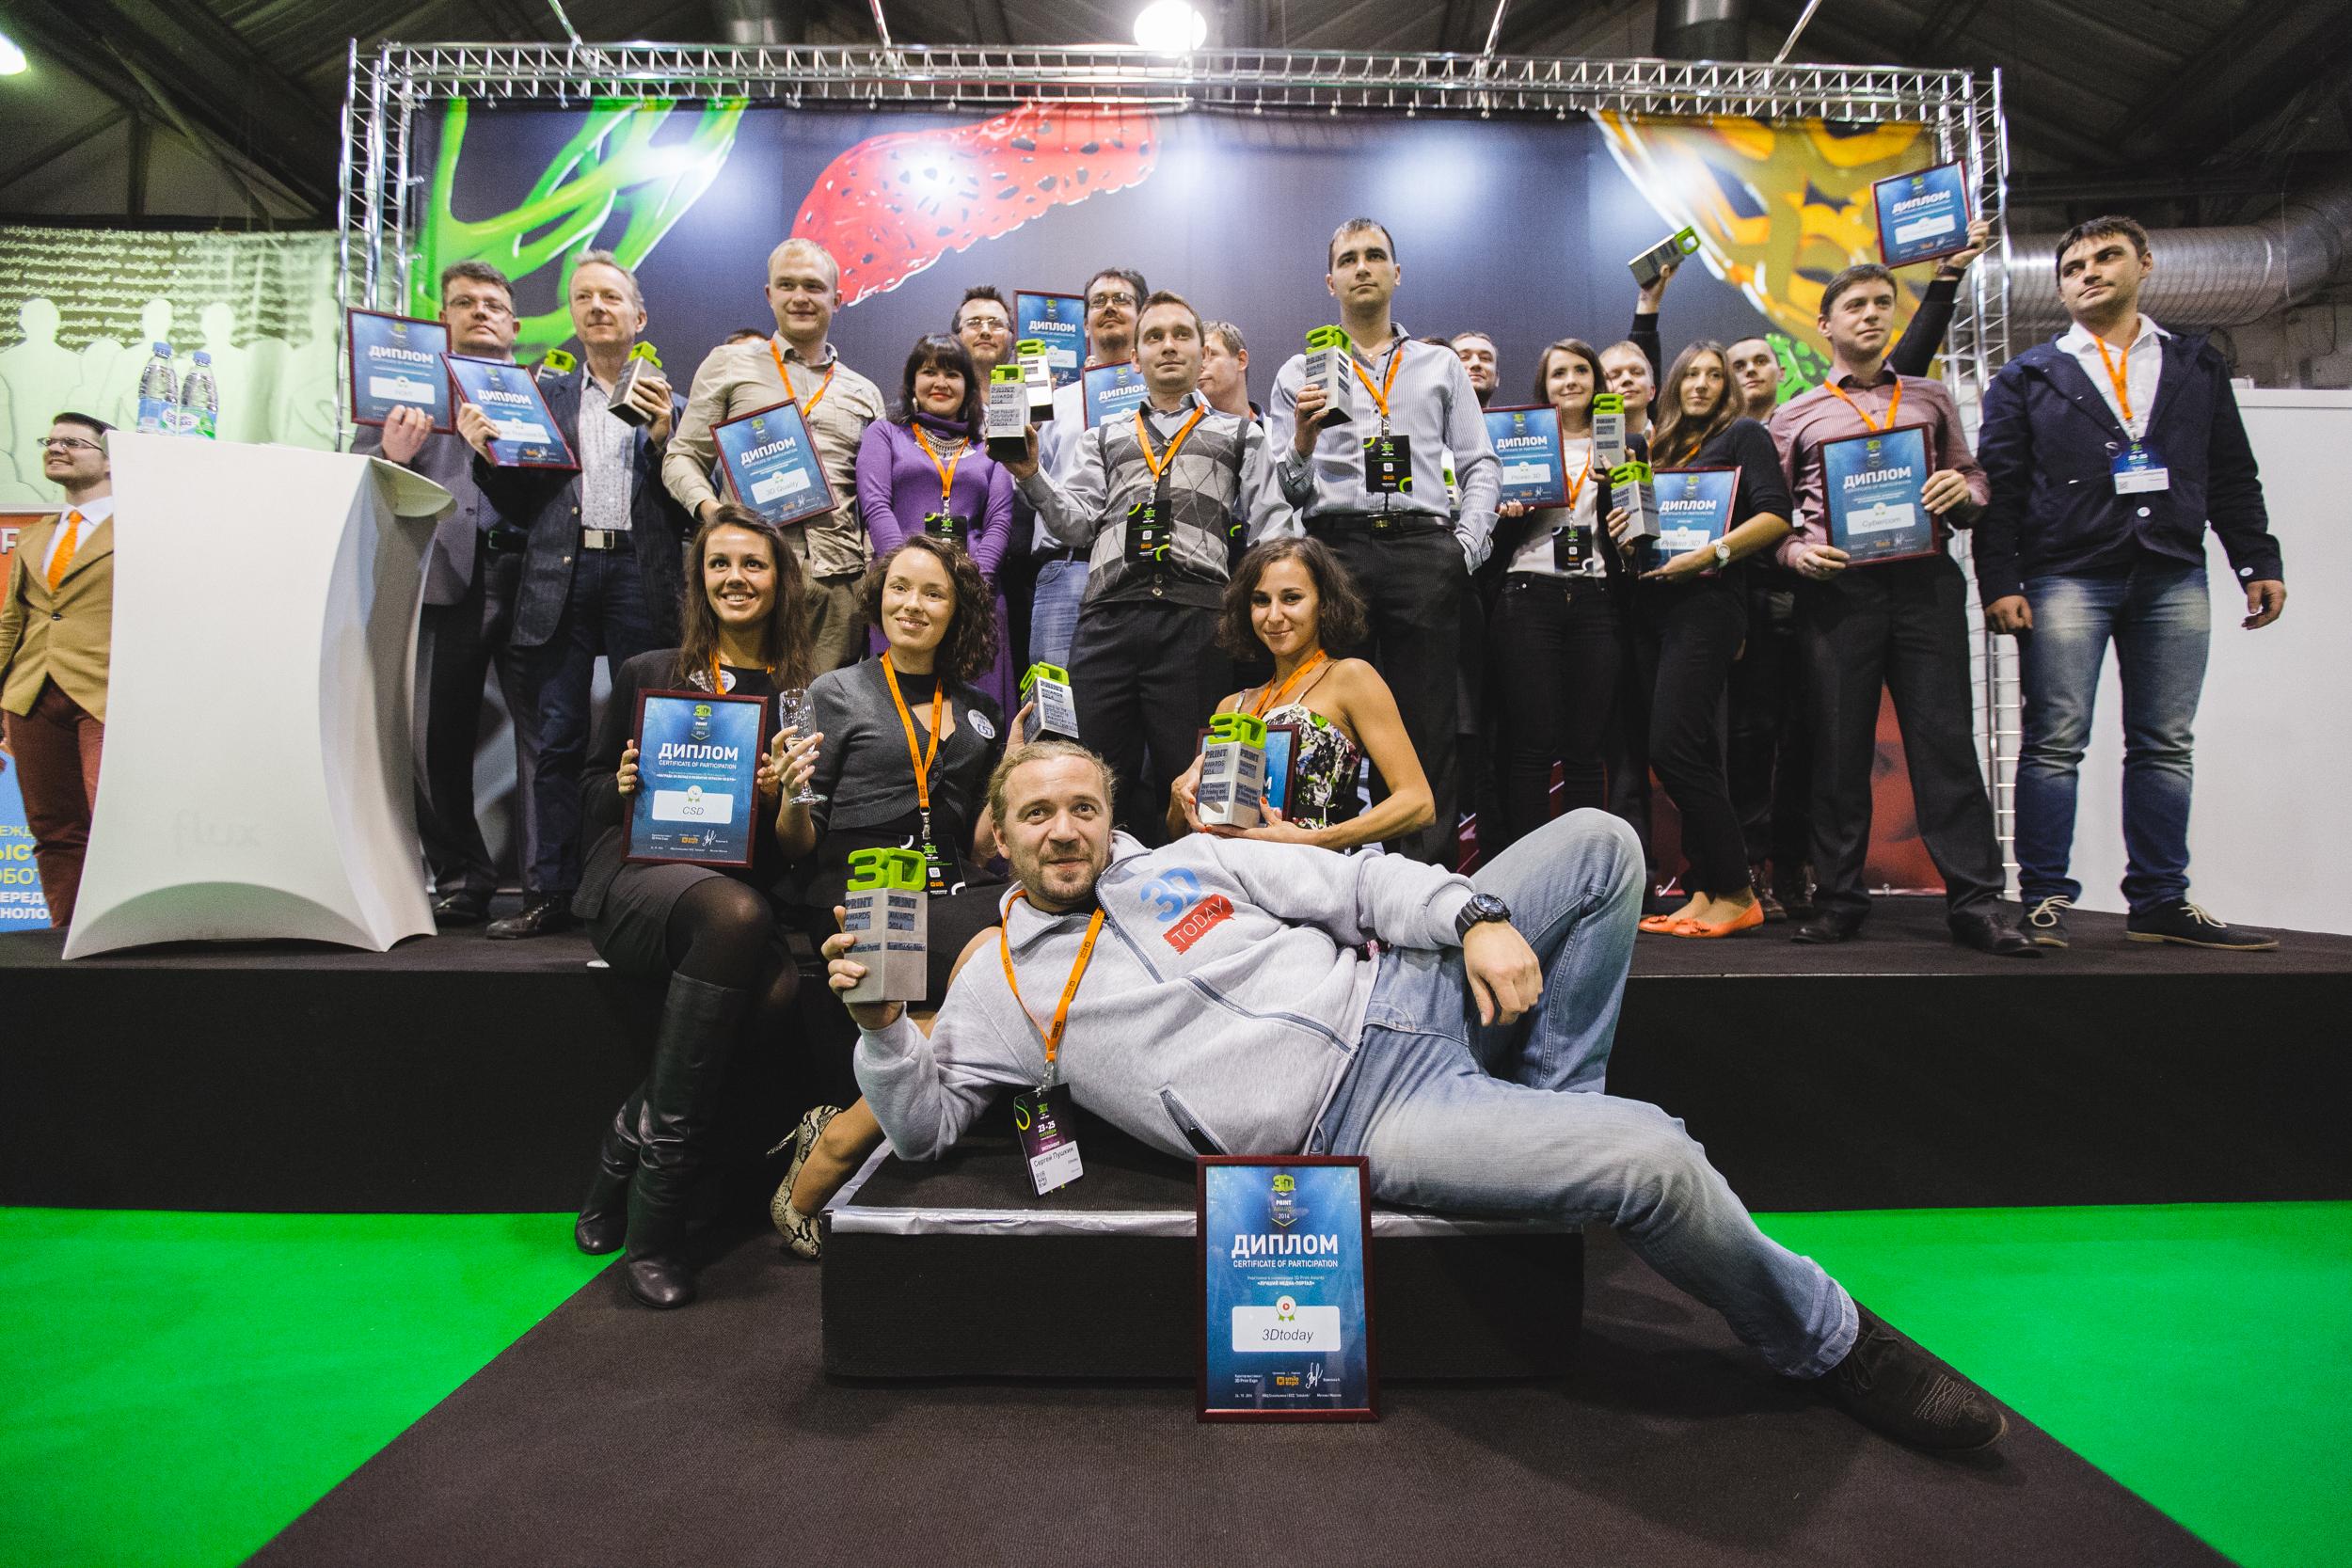 Церемония 3D Print Awards-2014 наградила лучших представителей индустрии 3D-печати и сканирования!